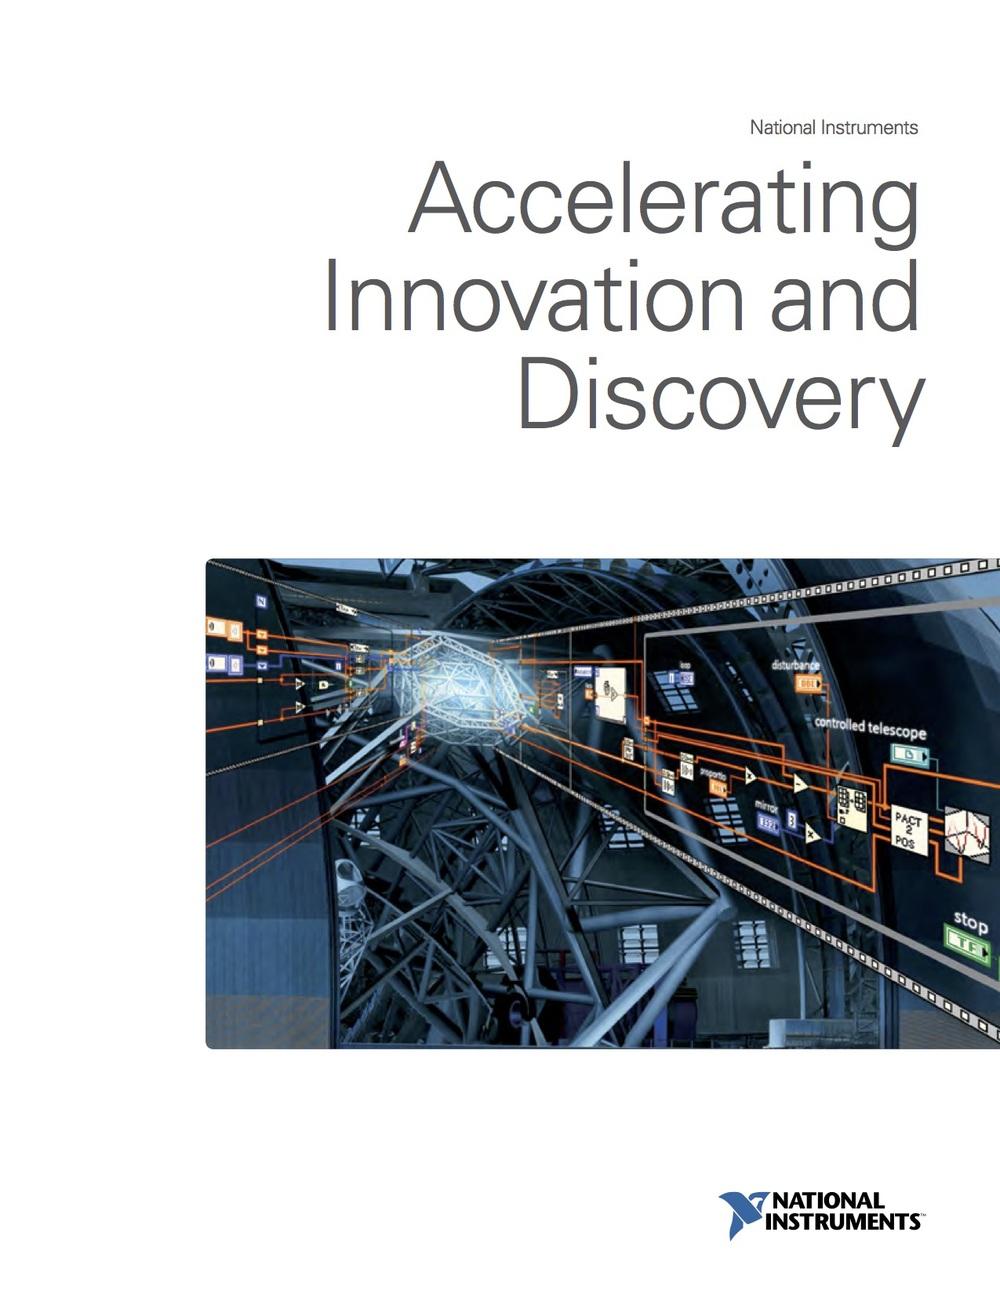 NI Brochure-accelerating.jpg